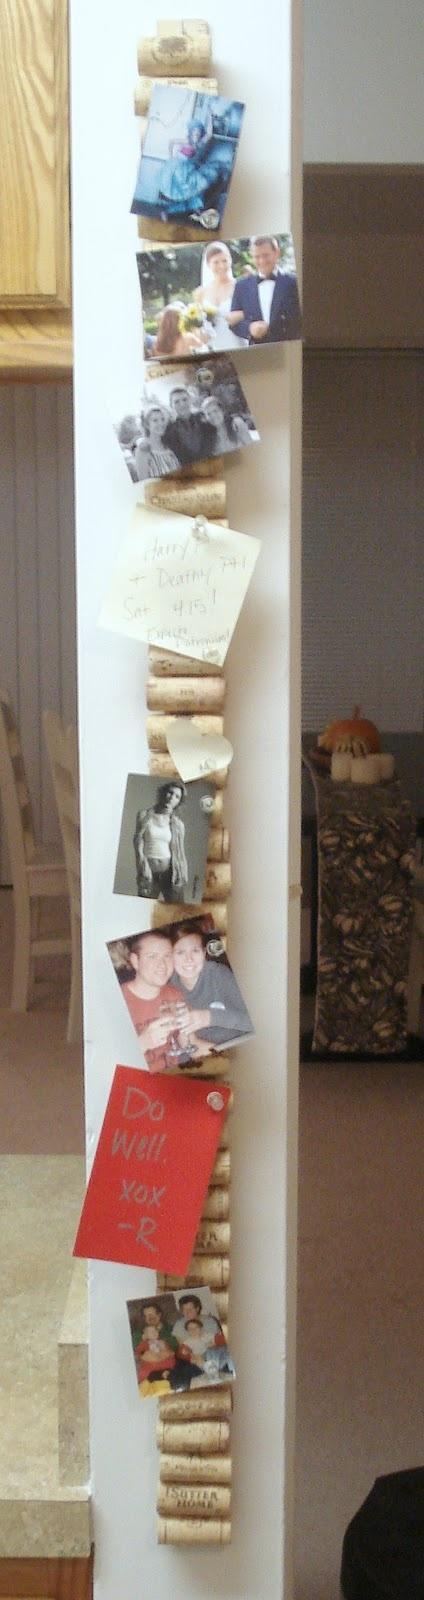 Create a DIY Cork Board